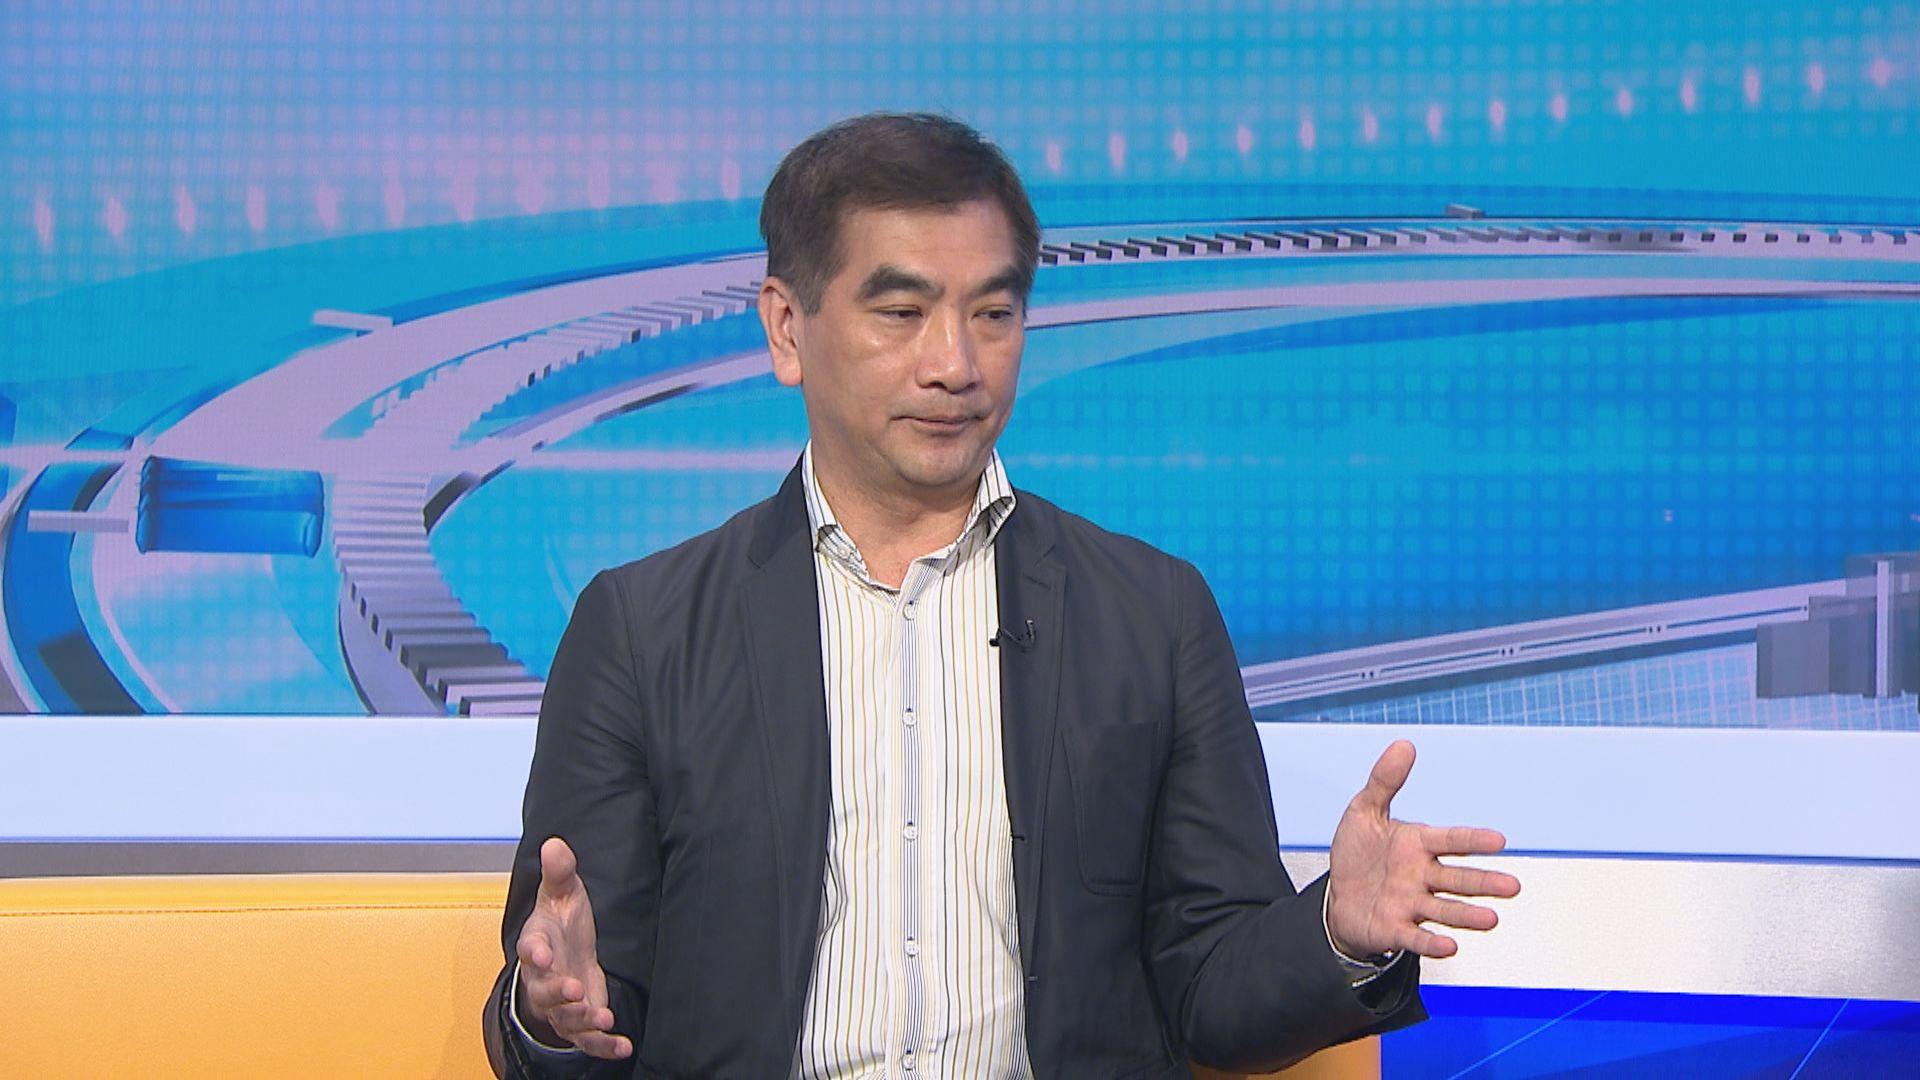 鍾國斌:政府處理手法以至道歉有改善空間